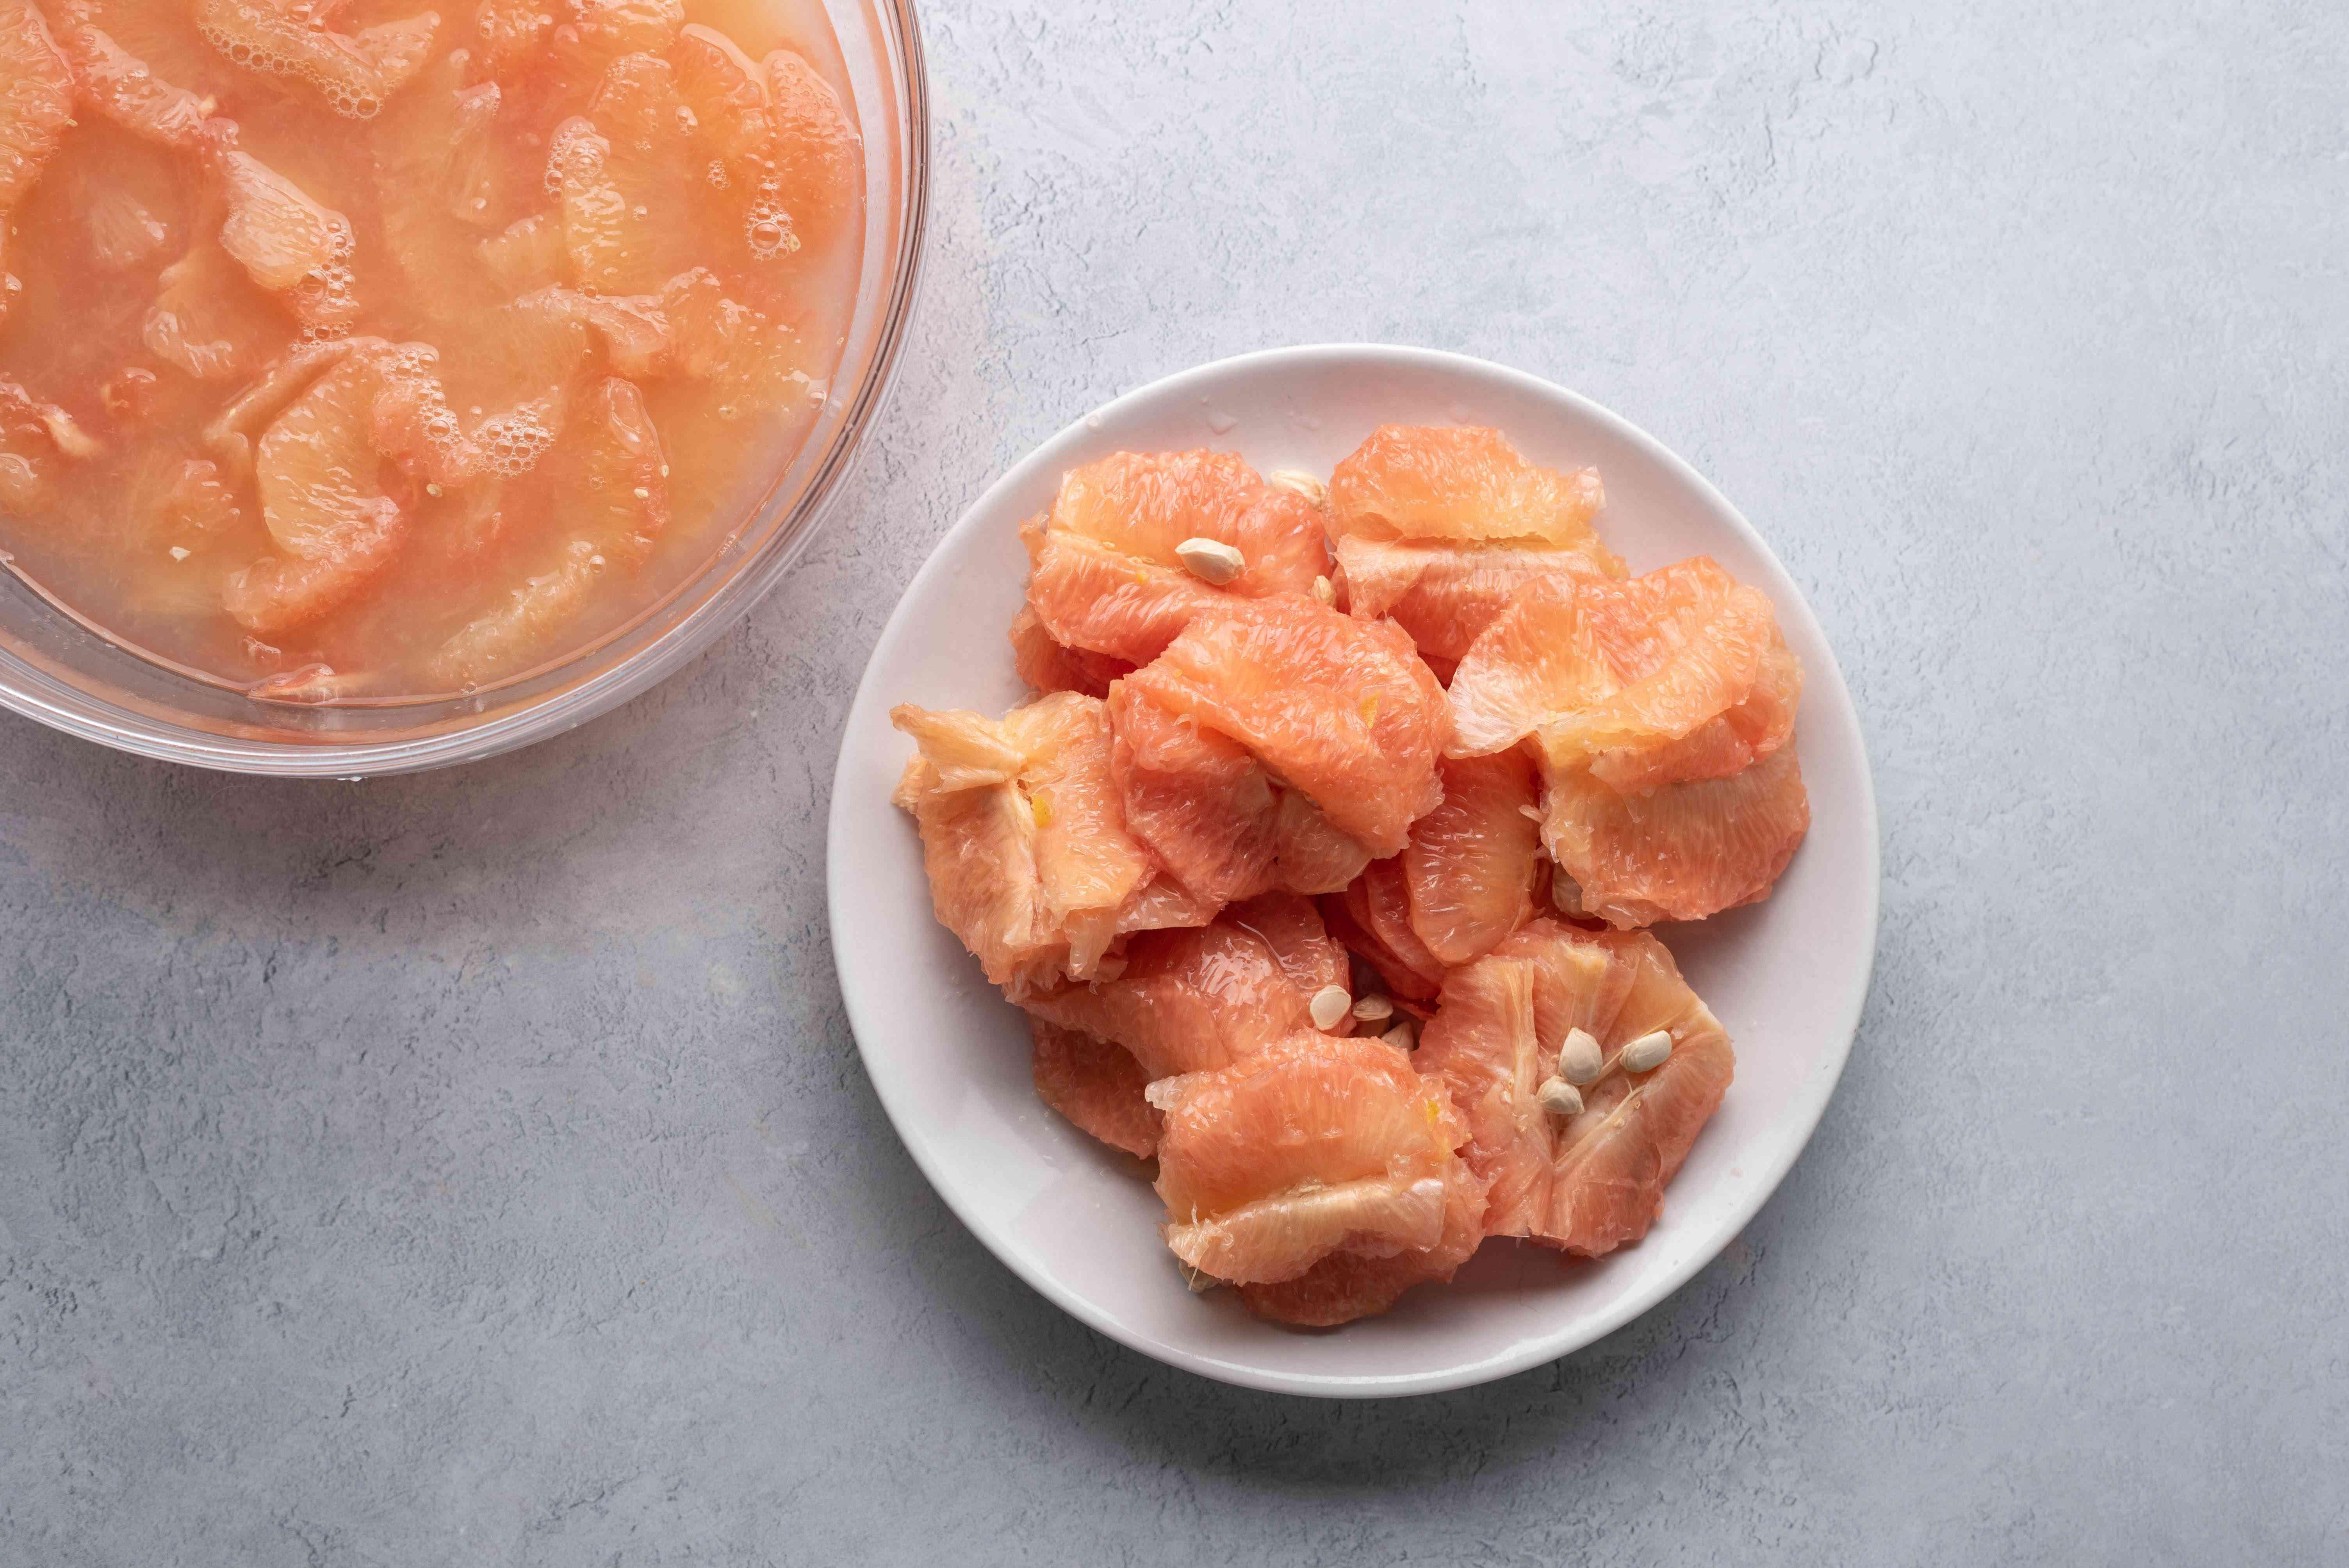 grapefruit membranes in a bowl